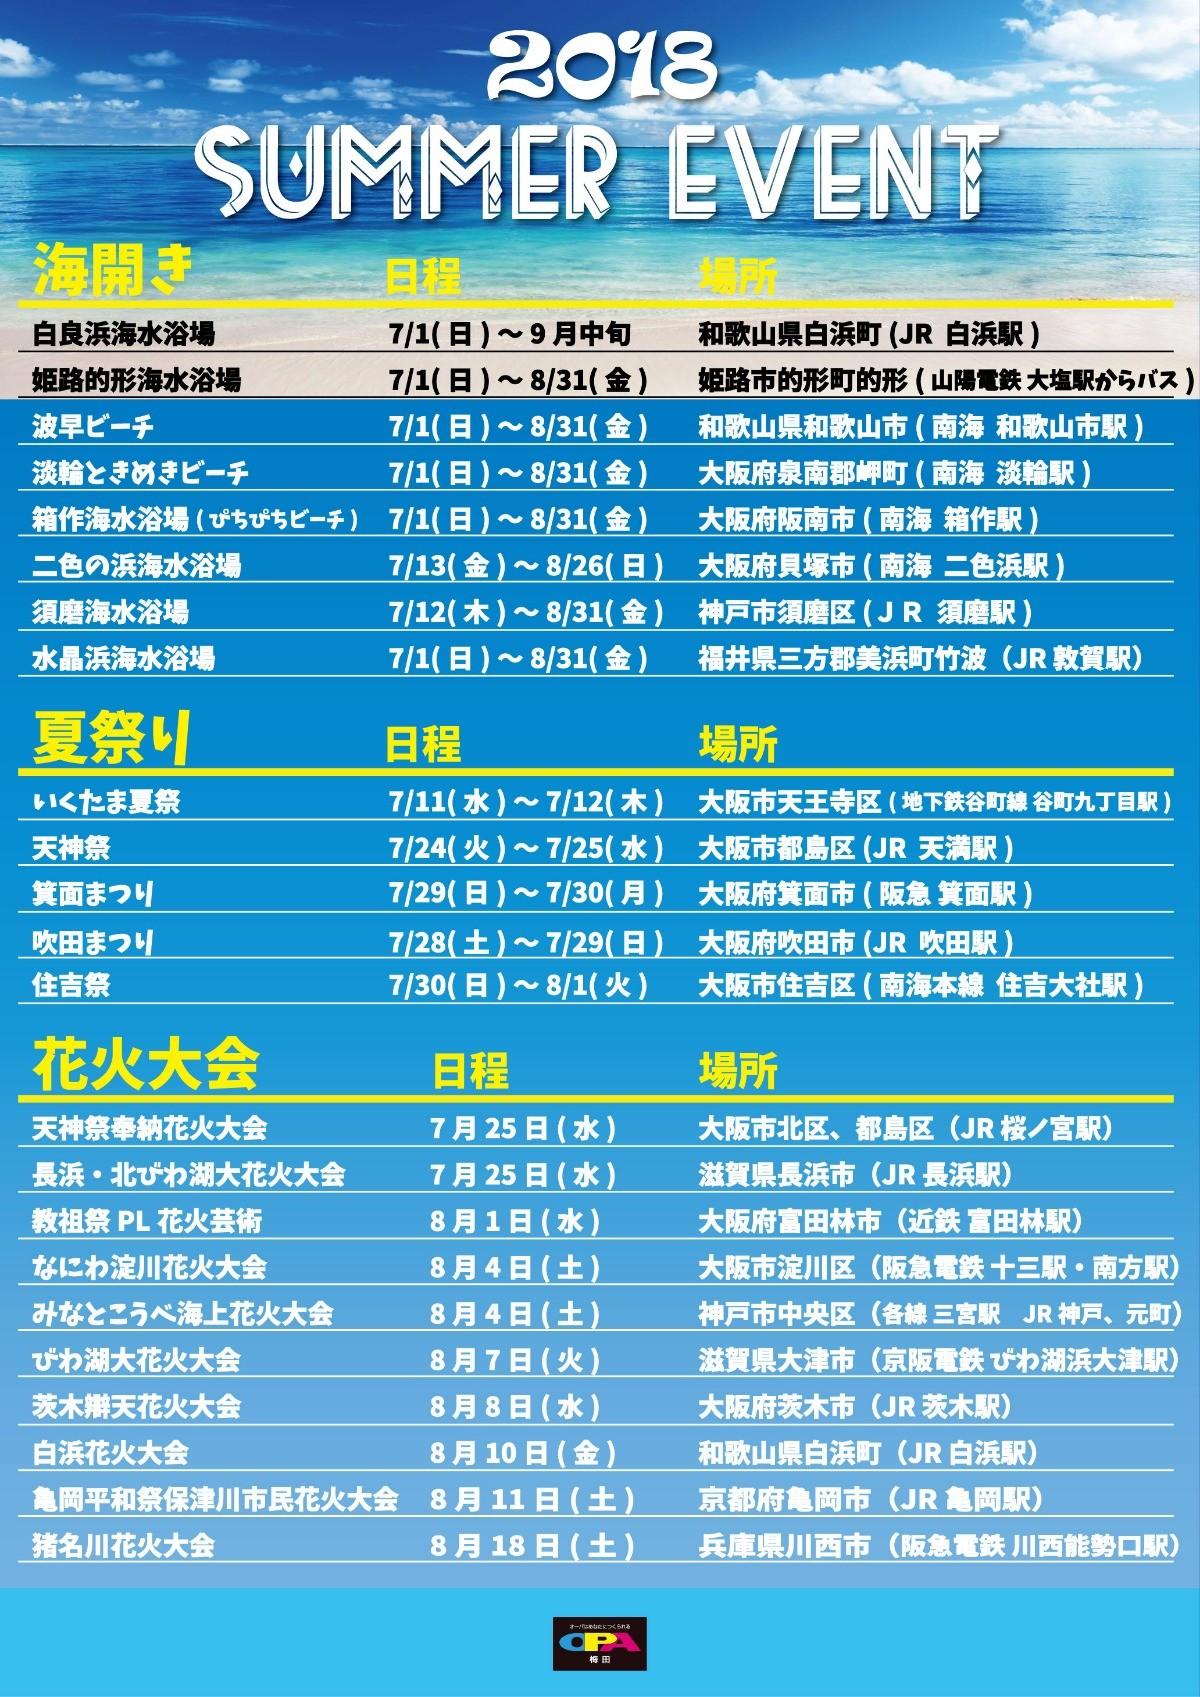 2018 SUMMER EVENT CALENDAR☆彡